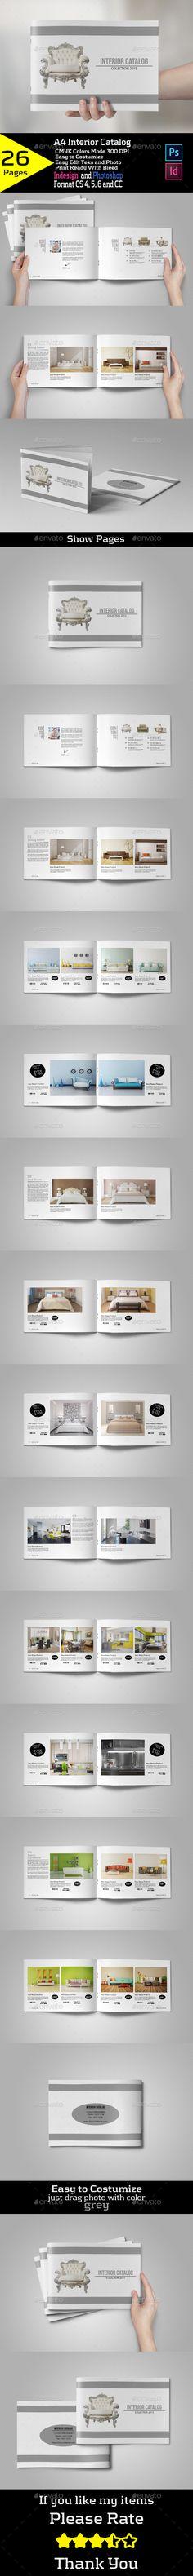 A4 Interior Catalog - Brochures Print Templates